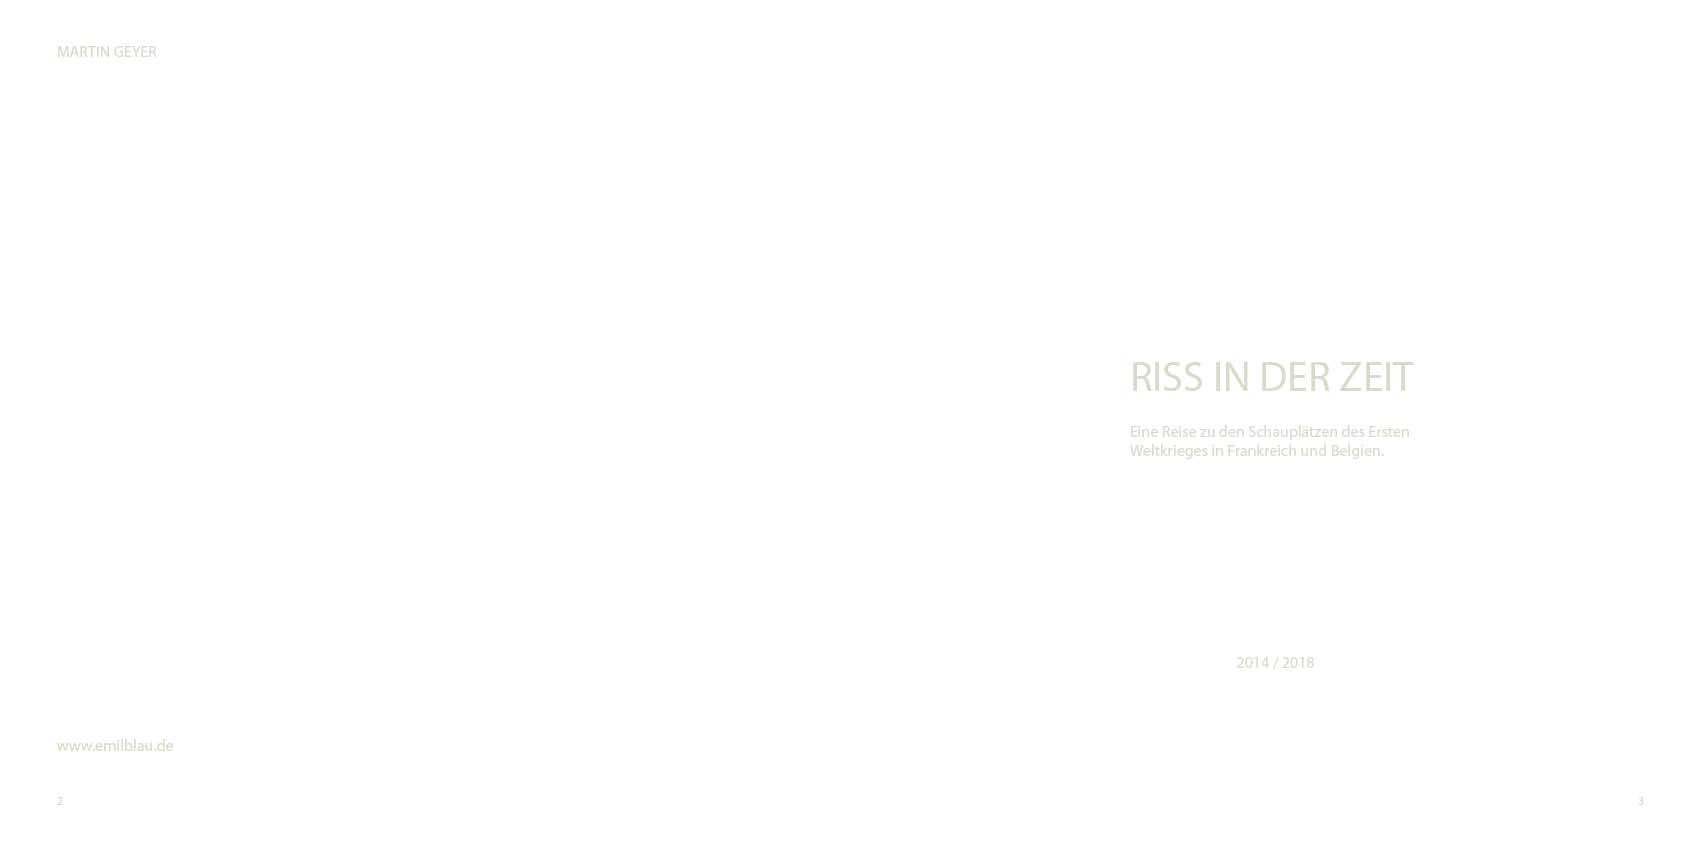 RISS_IN_DER_ZEIT_EMILBLAU_20182